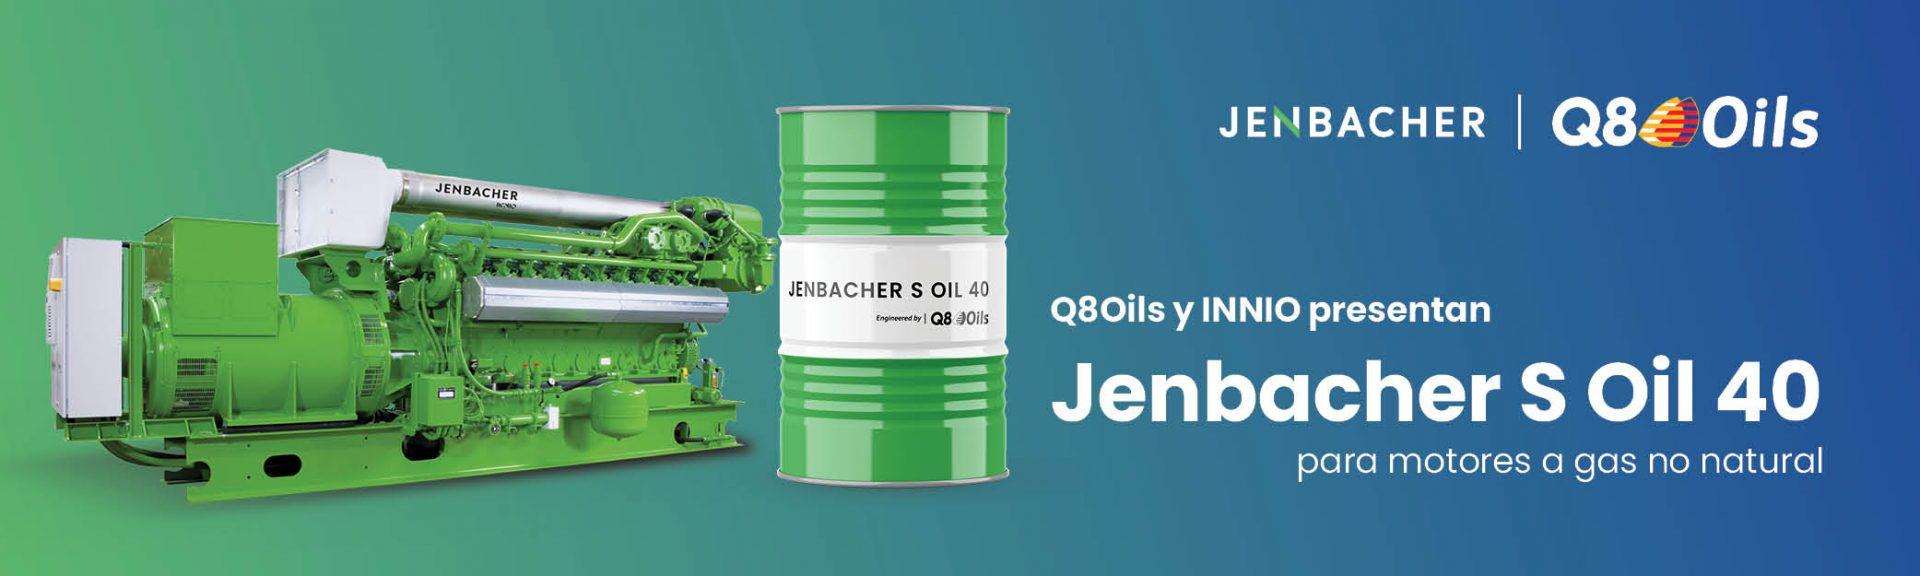 banner aceites q8 jenbacher